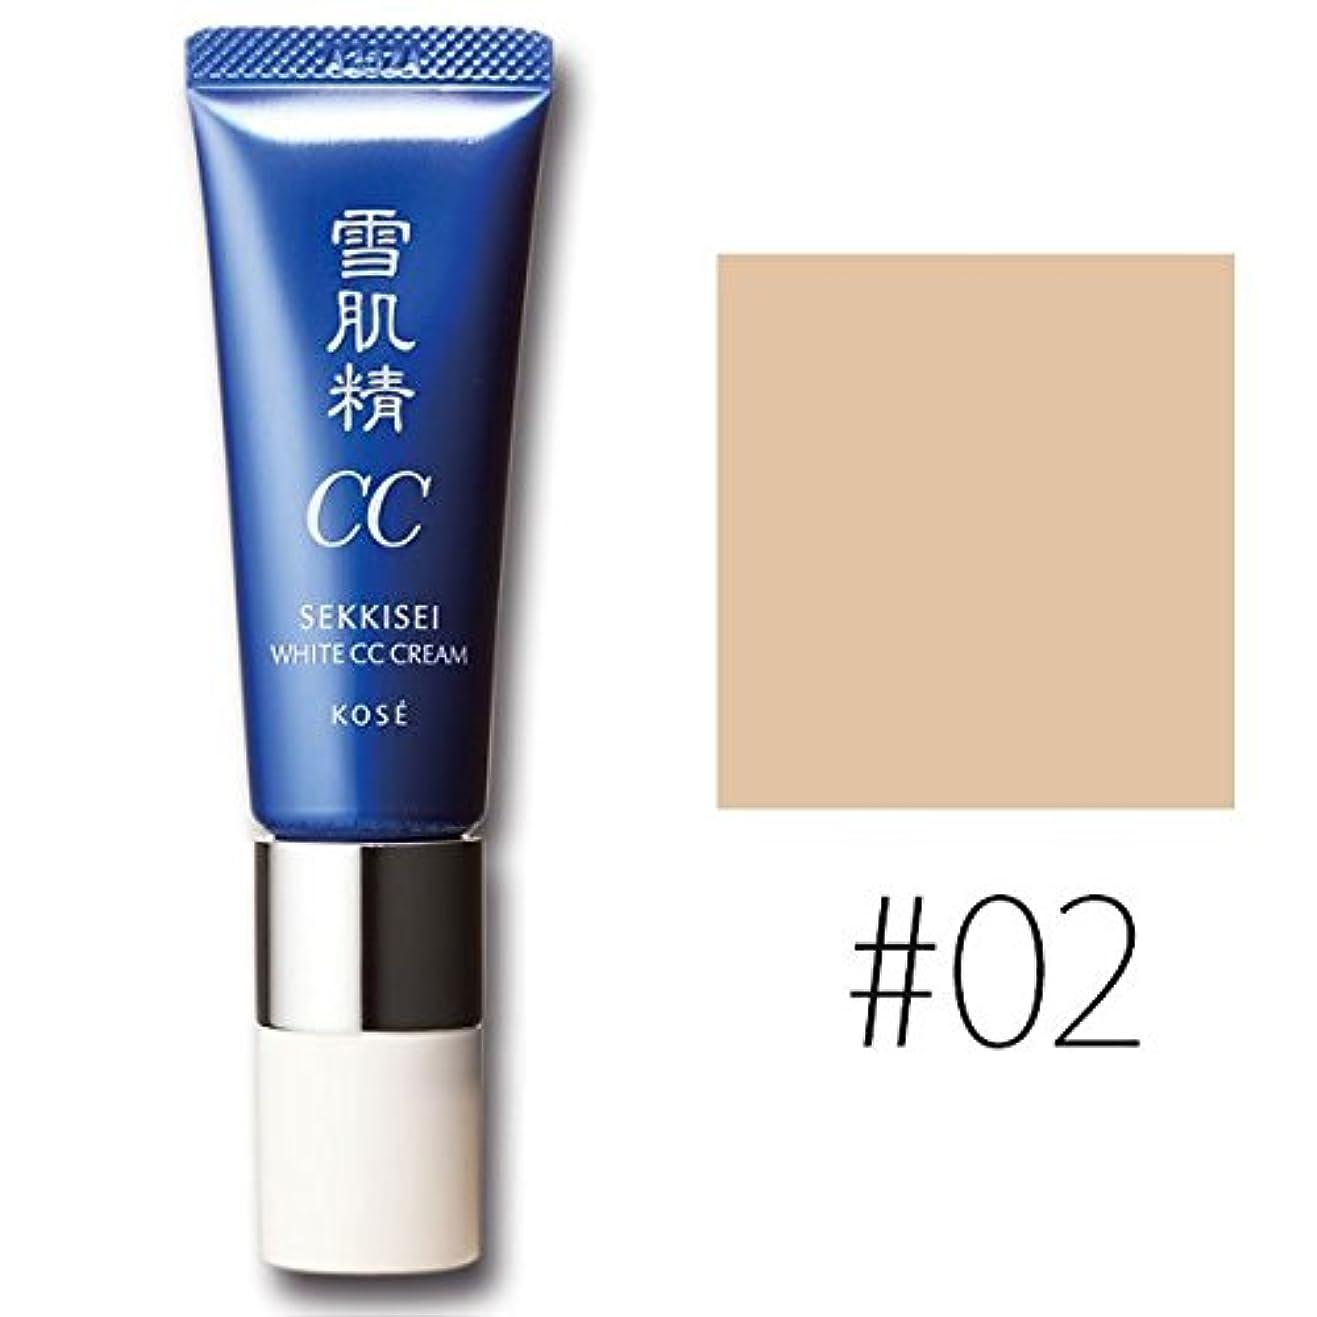 味わう異議芝生コーセー 雪肌精 ホワイト CCクリーム【#02】 #OCHRE SPF50+/PA++++ 30g